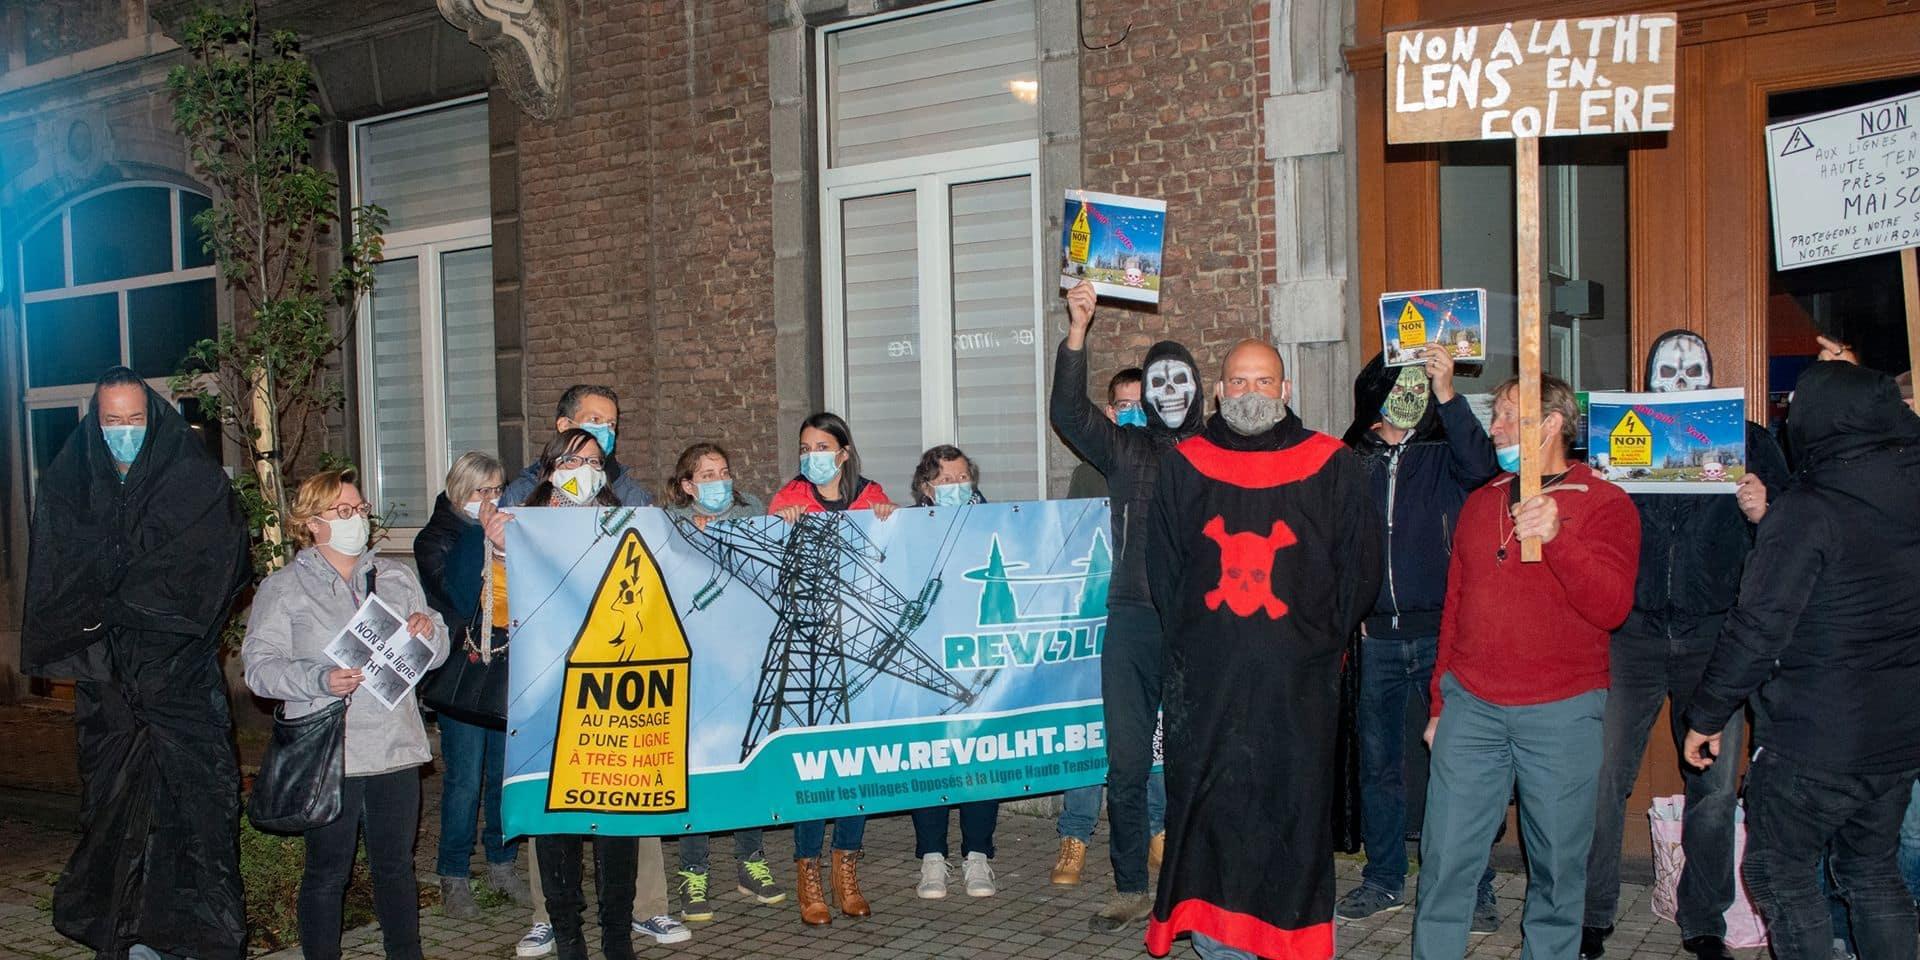 Boucle du Hainaut: le groupe Revolht déploie ses contre-arguments